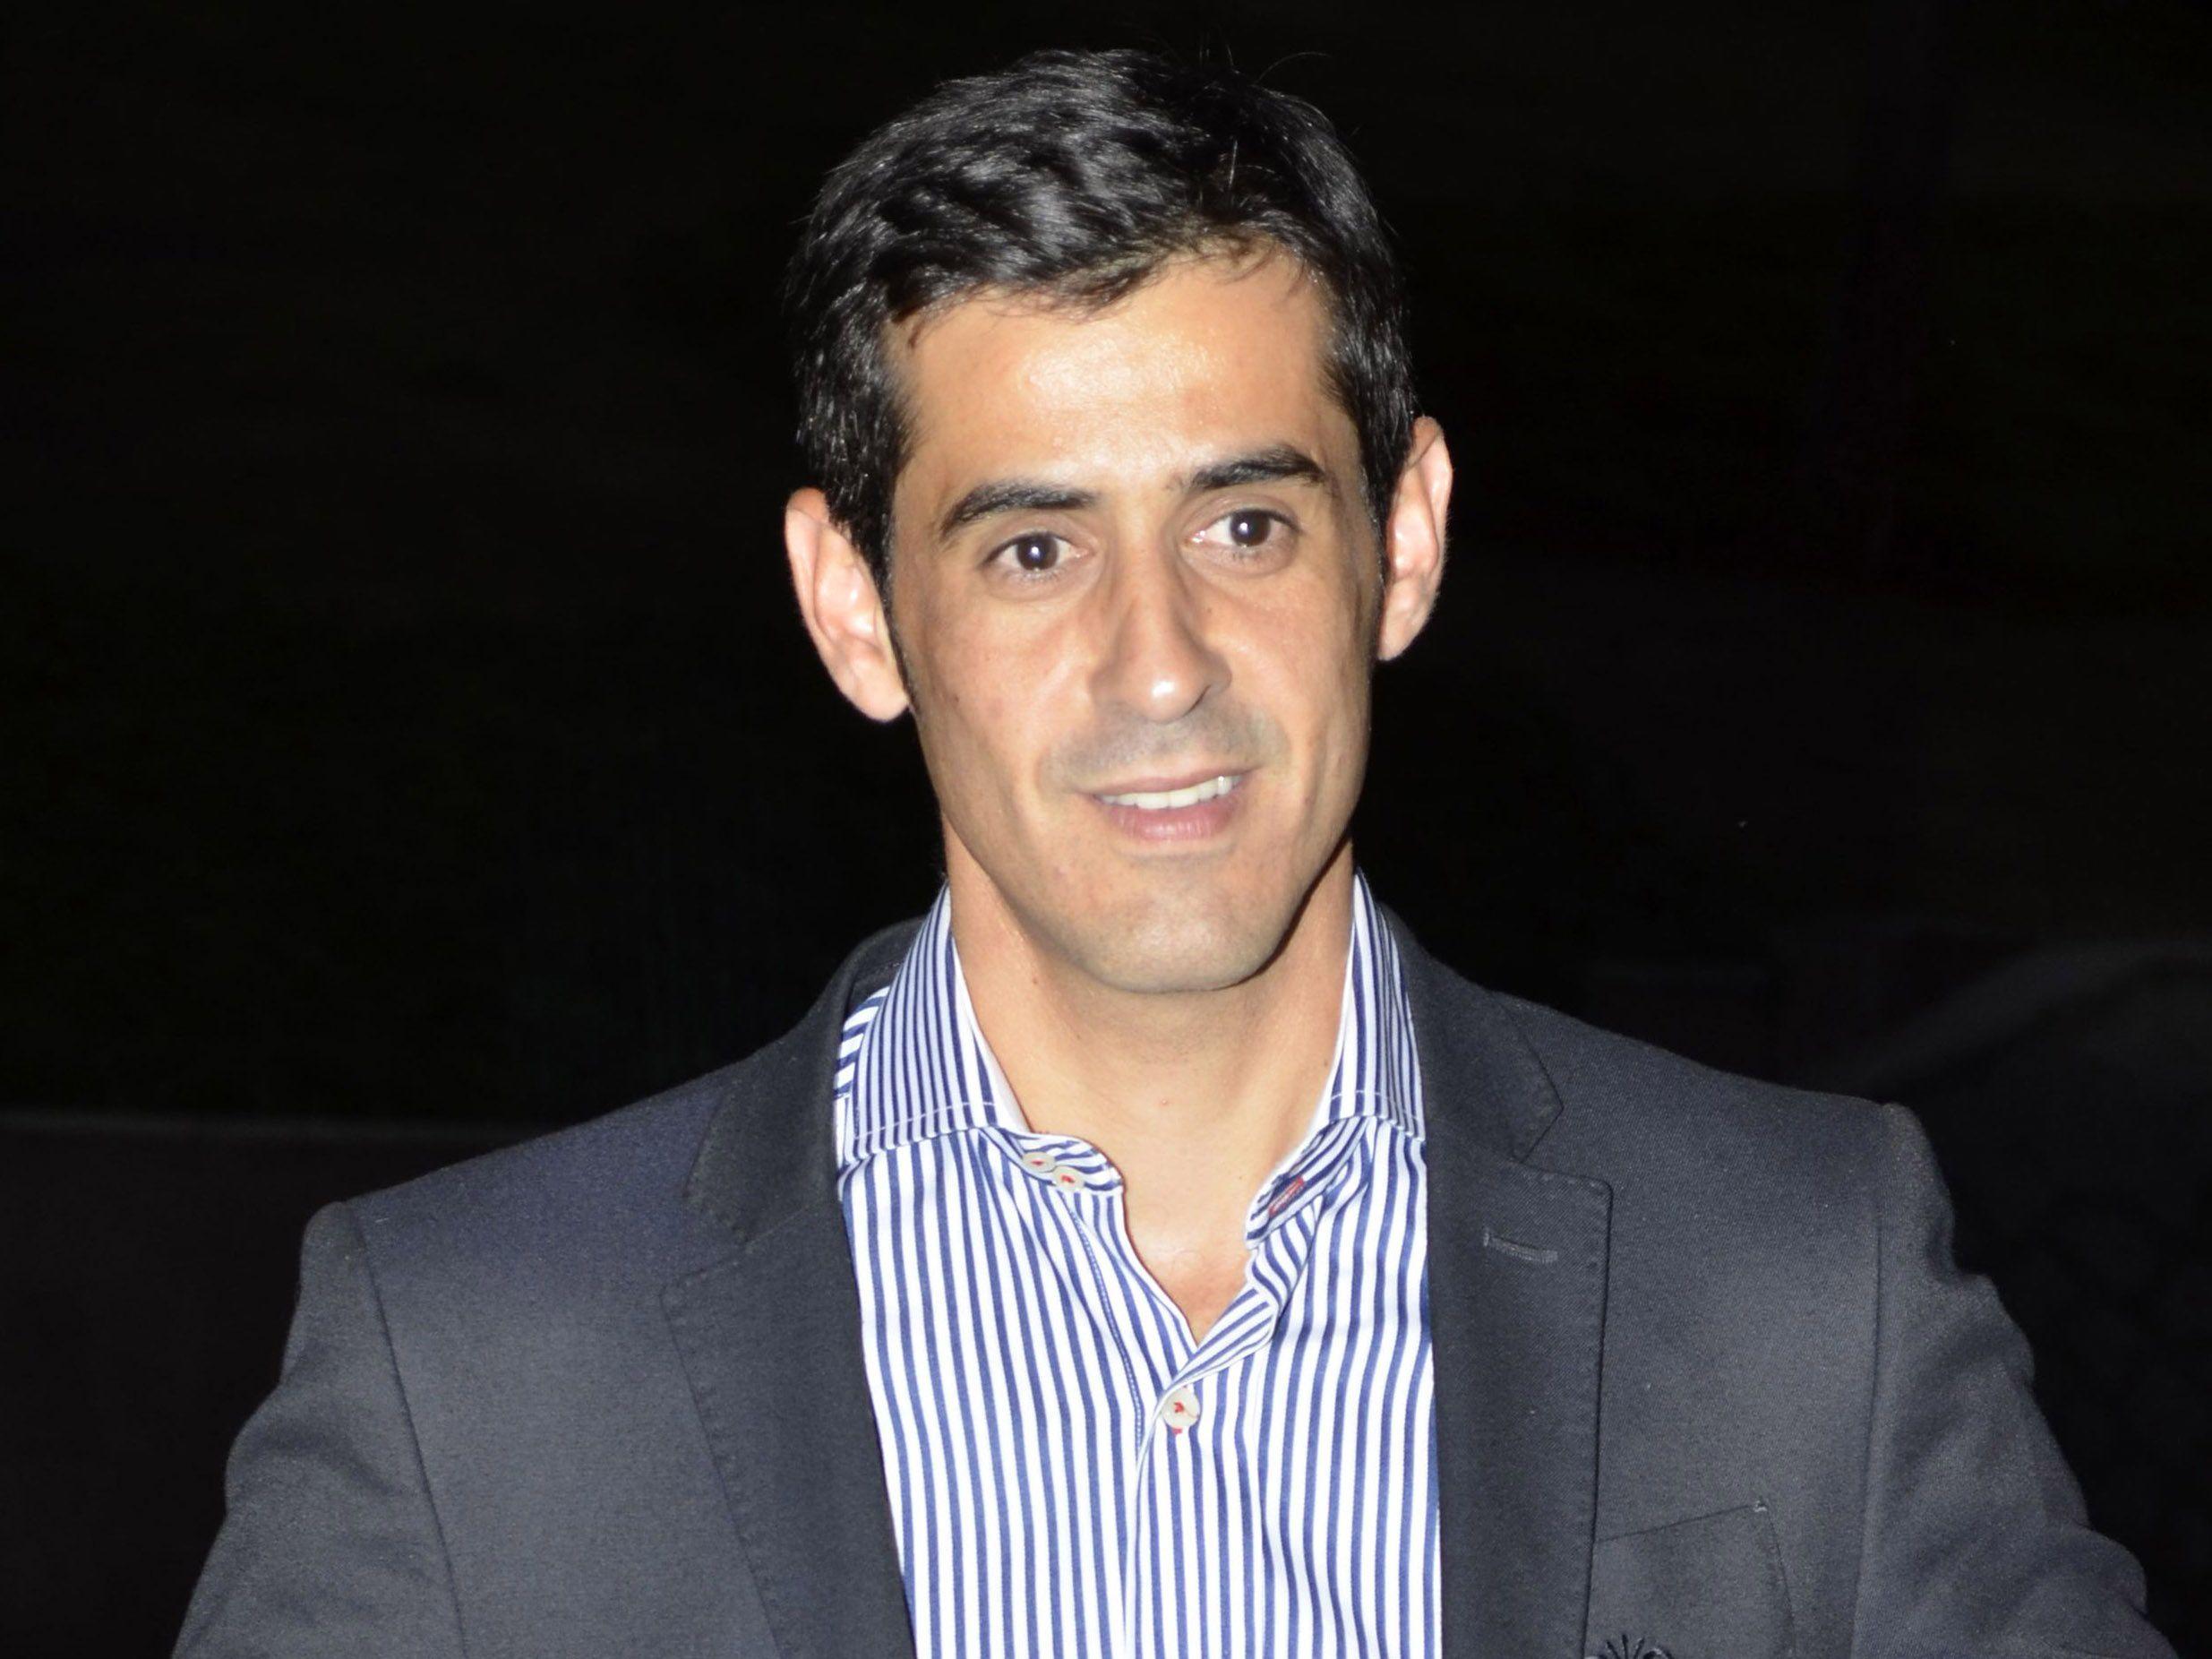 02/06/2015 Víctor Janeiro prefiere mantenerse al margen de la guerra entre Belén Esteban y María José Campanario EUROPA ESPAÑA SOCIEDAD